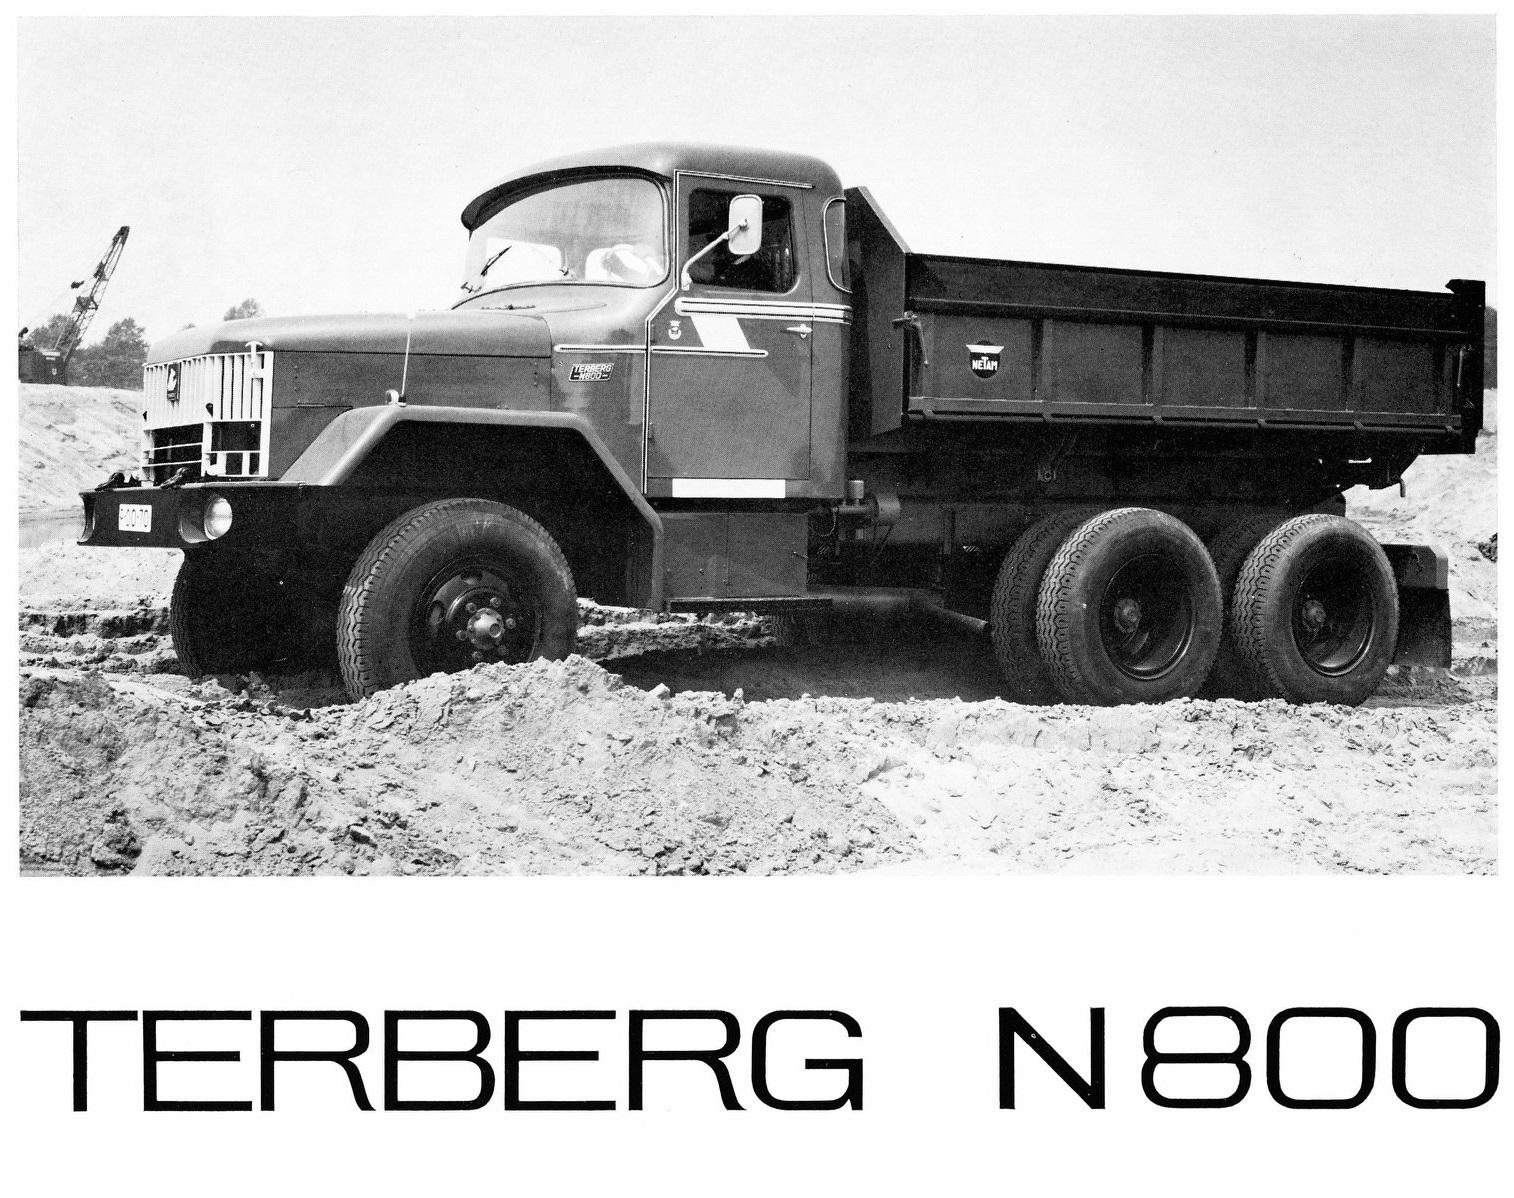 Terberg-N800